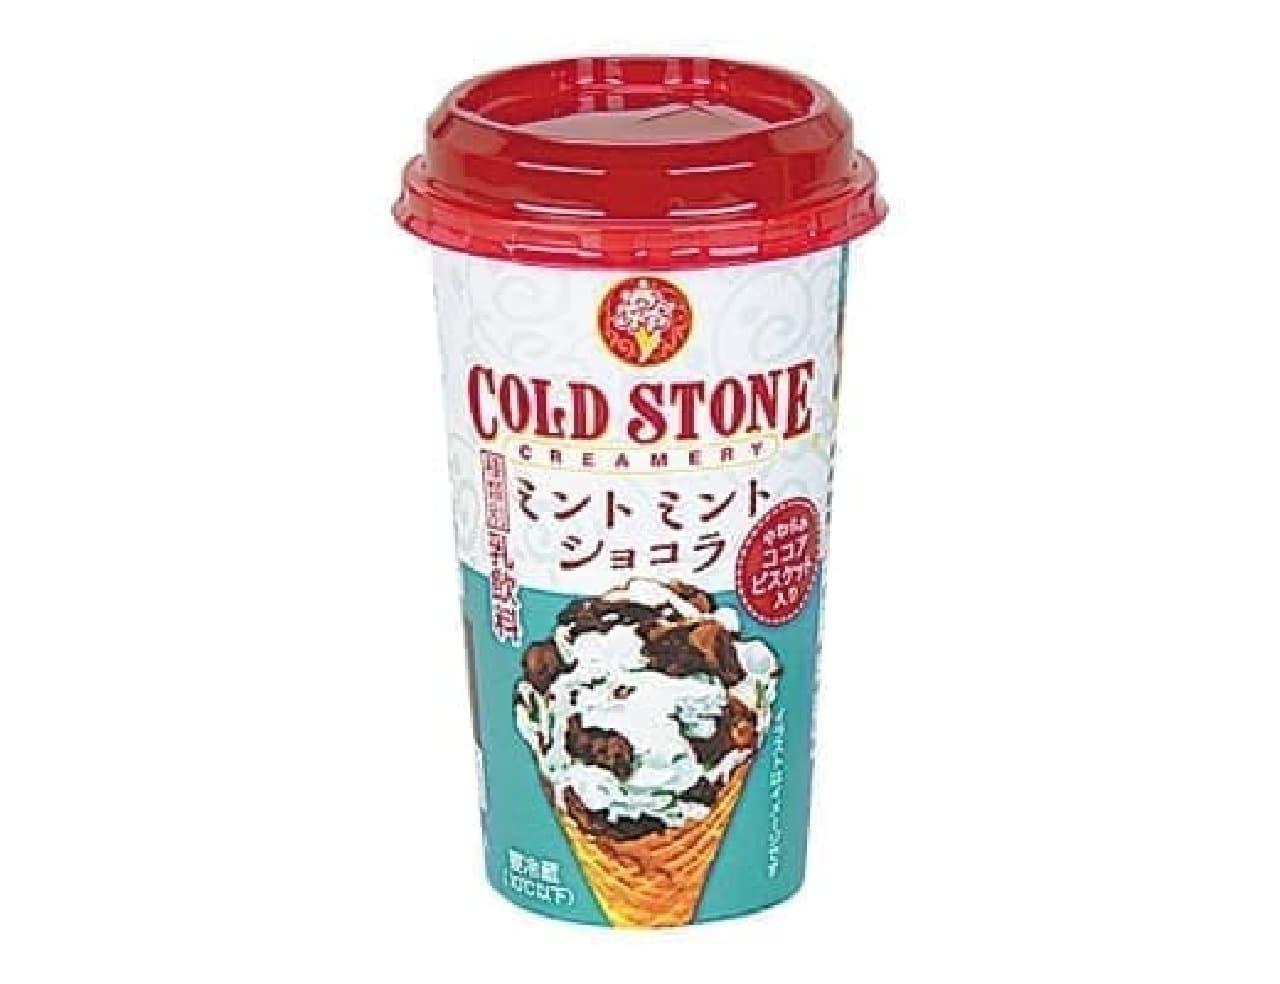 ローソン「コールド・ストーン・クリーマリー ミントミントショコラ 200g」